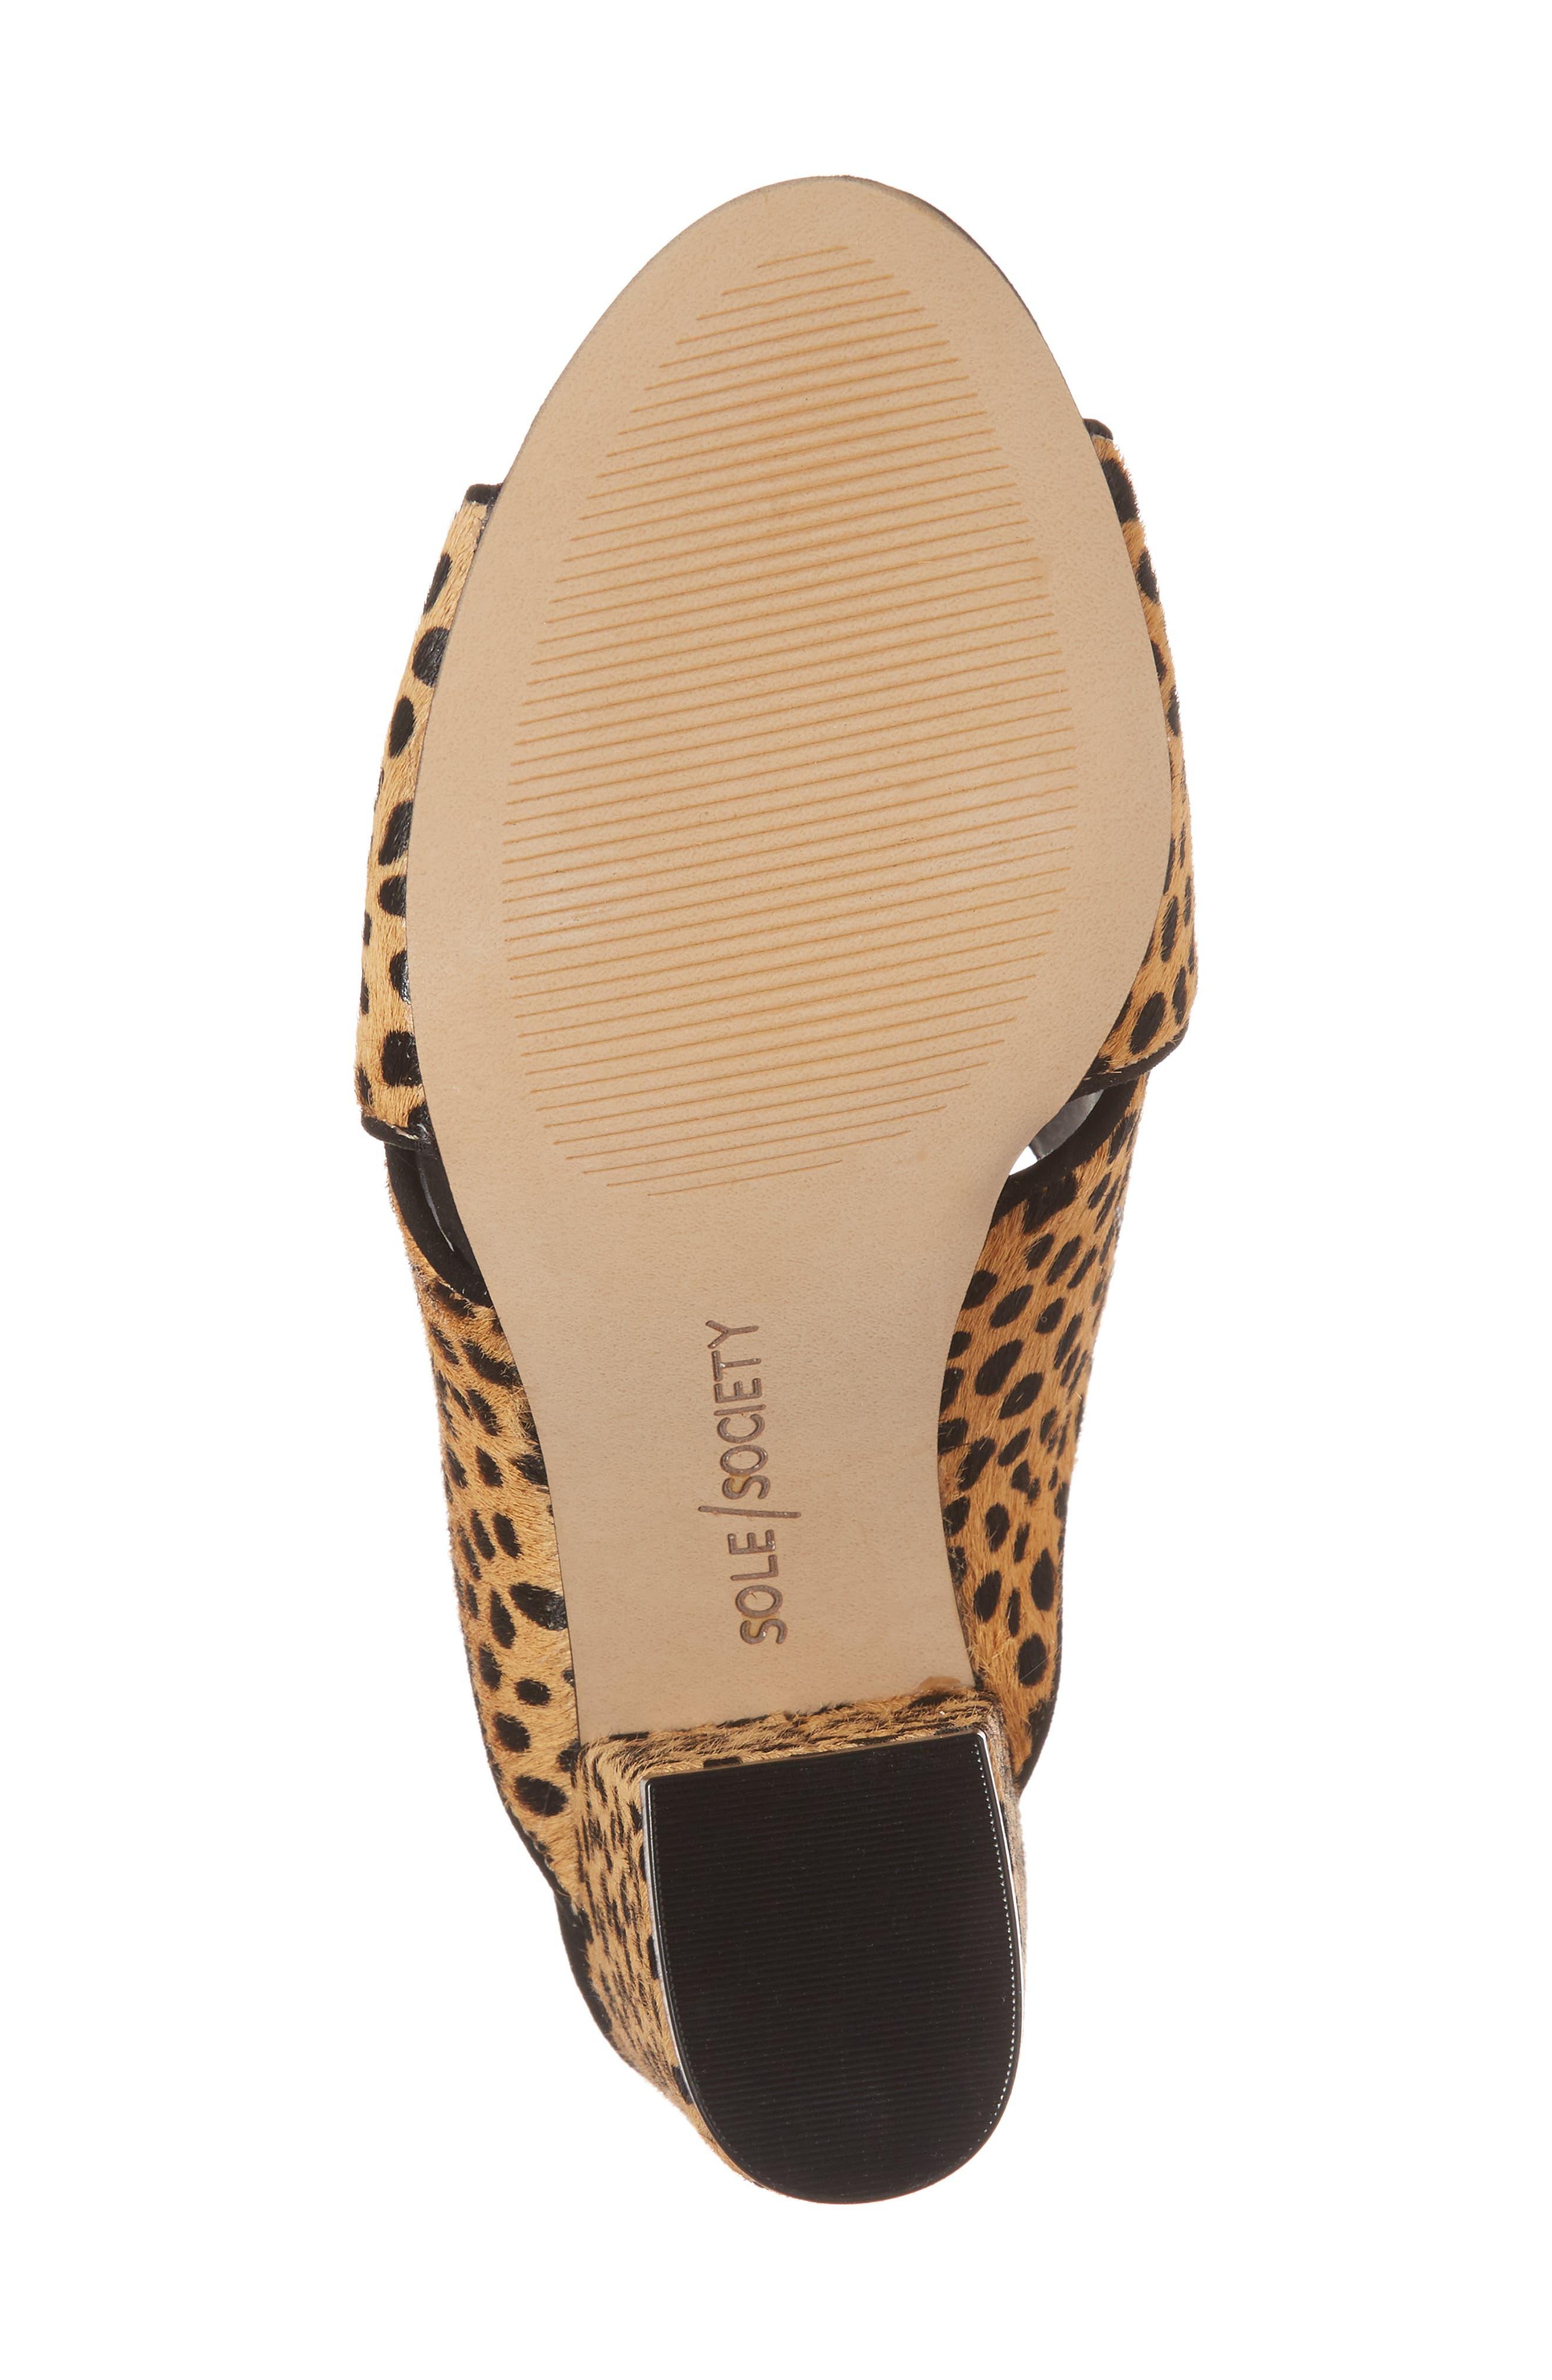 Luella Genuine Calf Hair Slide,                             Alternate thumbnail 6, color,                             Cheetah Dot Haircalf